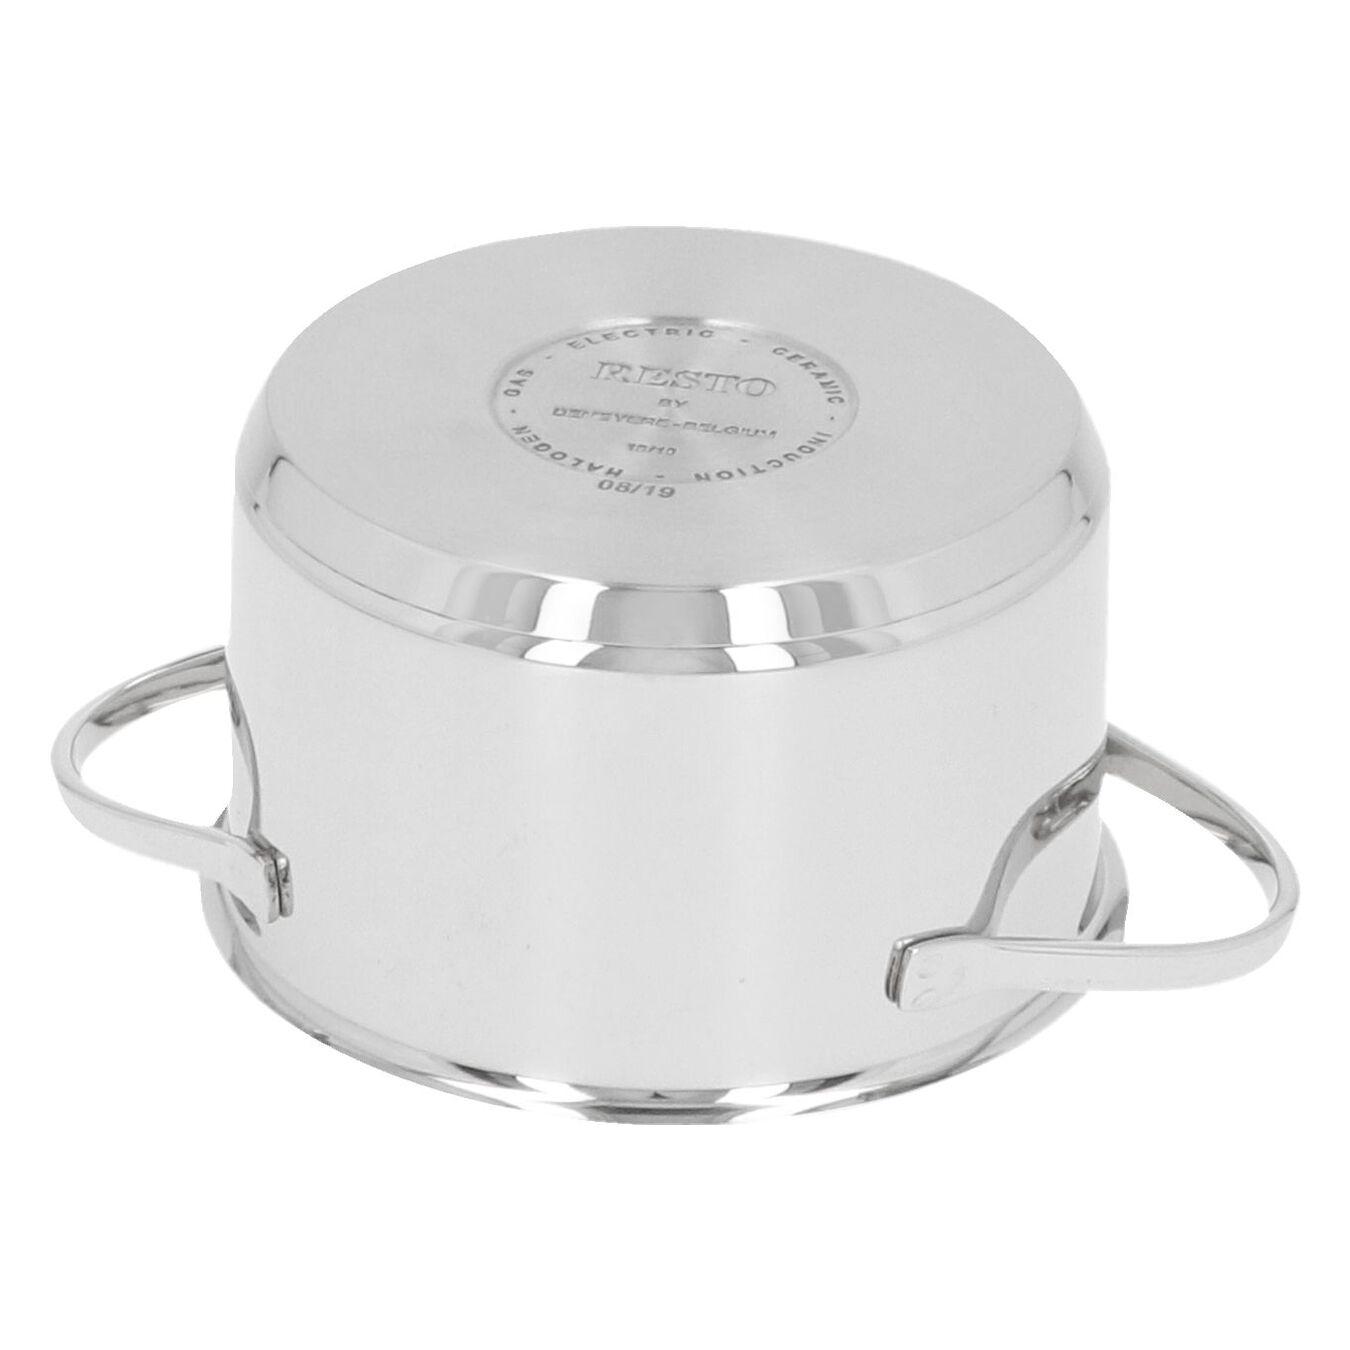 Set de casseroles, 4-pces,,large 18